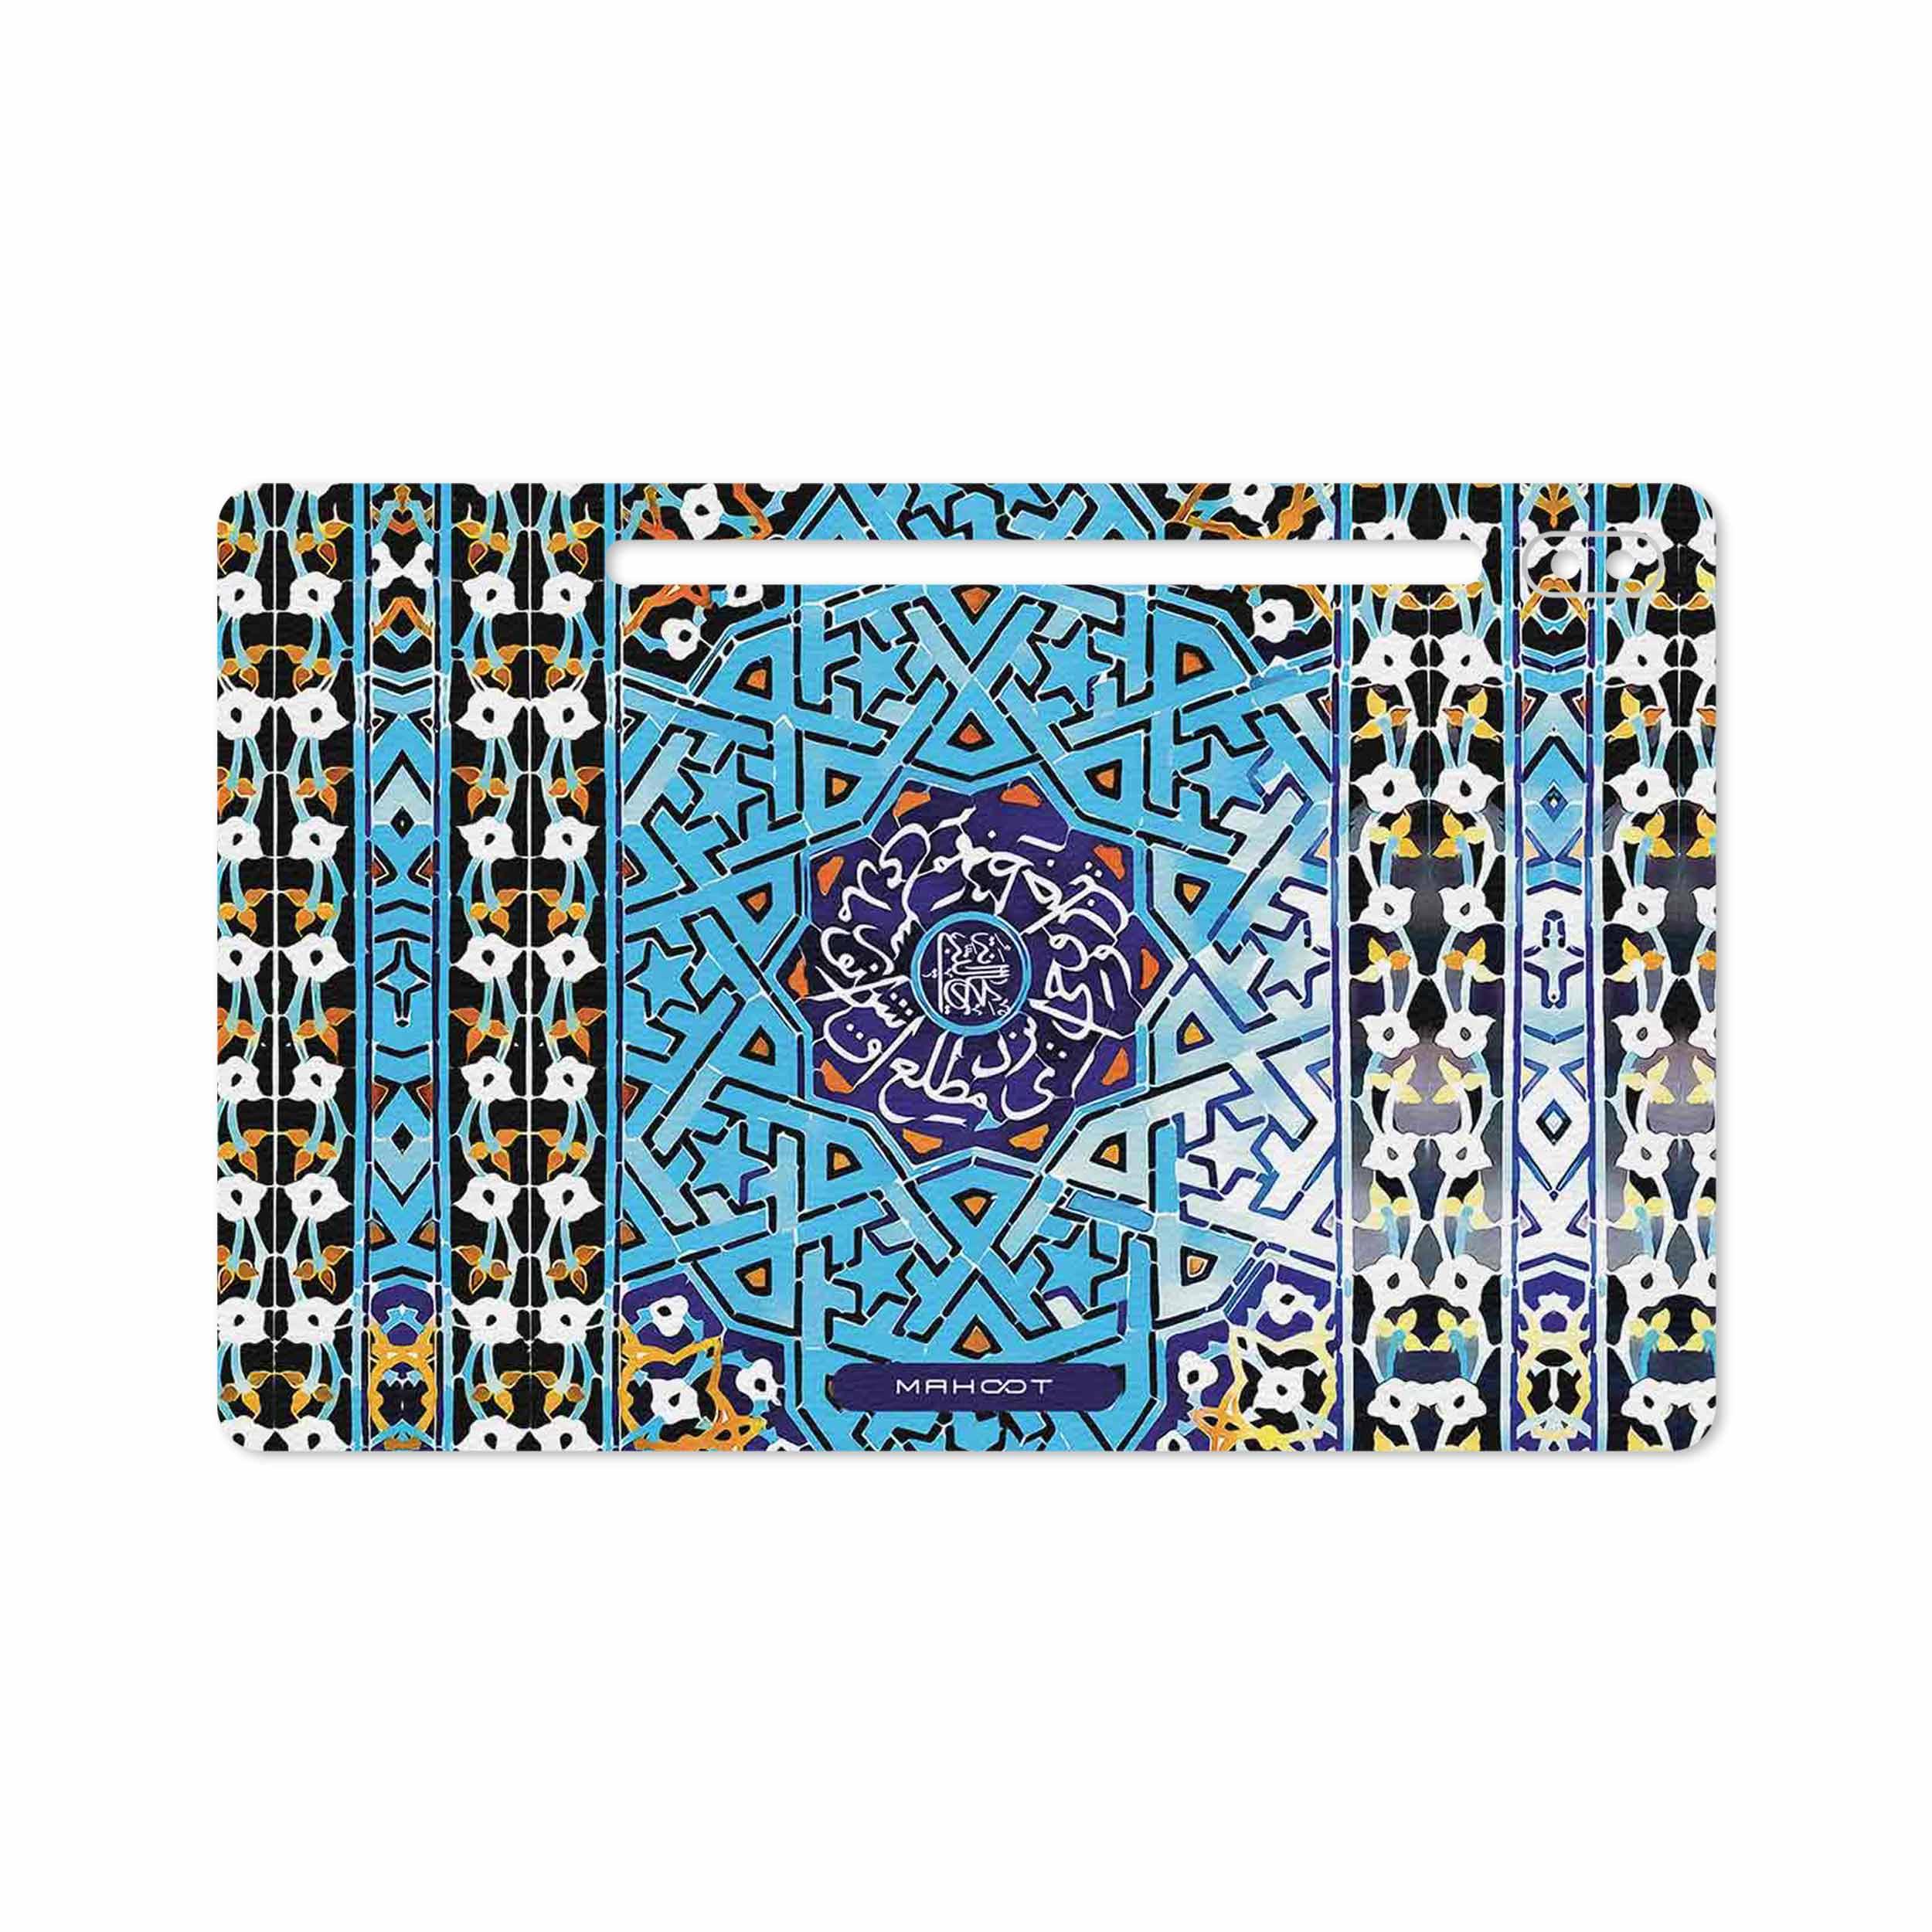 بررسی و خرید [با تخفیف]                                     برچسب پوششی ماهوت مدل Iran-Tile7 مناسب برای تبلت سامسونگ Galaxy Tab S6 2019 SM-T865                             اورجینال